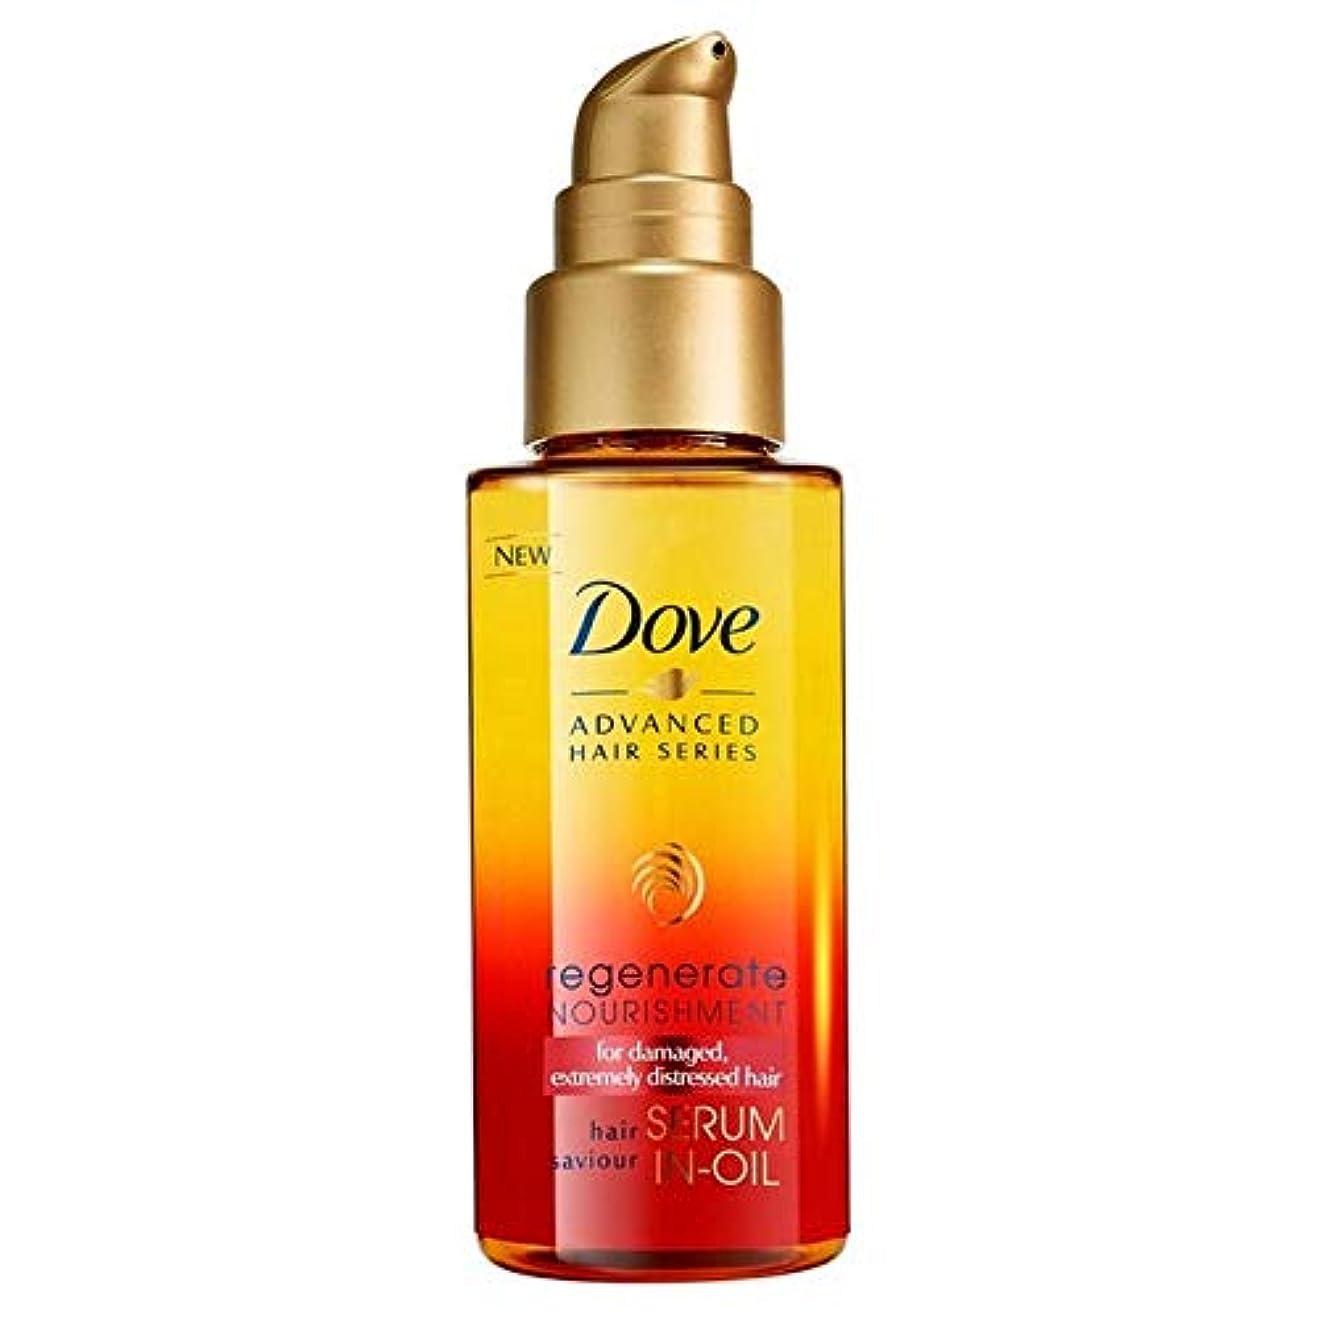 百年私のほこり[Dove ] 鳩高度な髪シリーズは栄養血清中の油中50ミリリットルを再生成します - Dove Advanced Hair Series Regenerate Nourishment Serum-in-Oil 50ml...